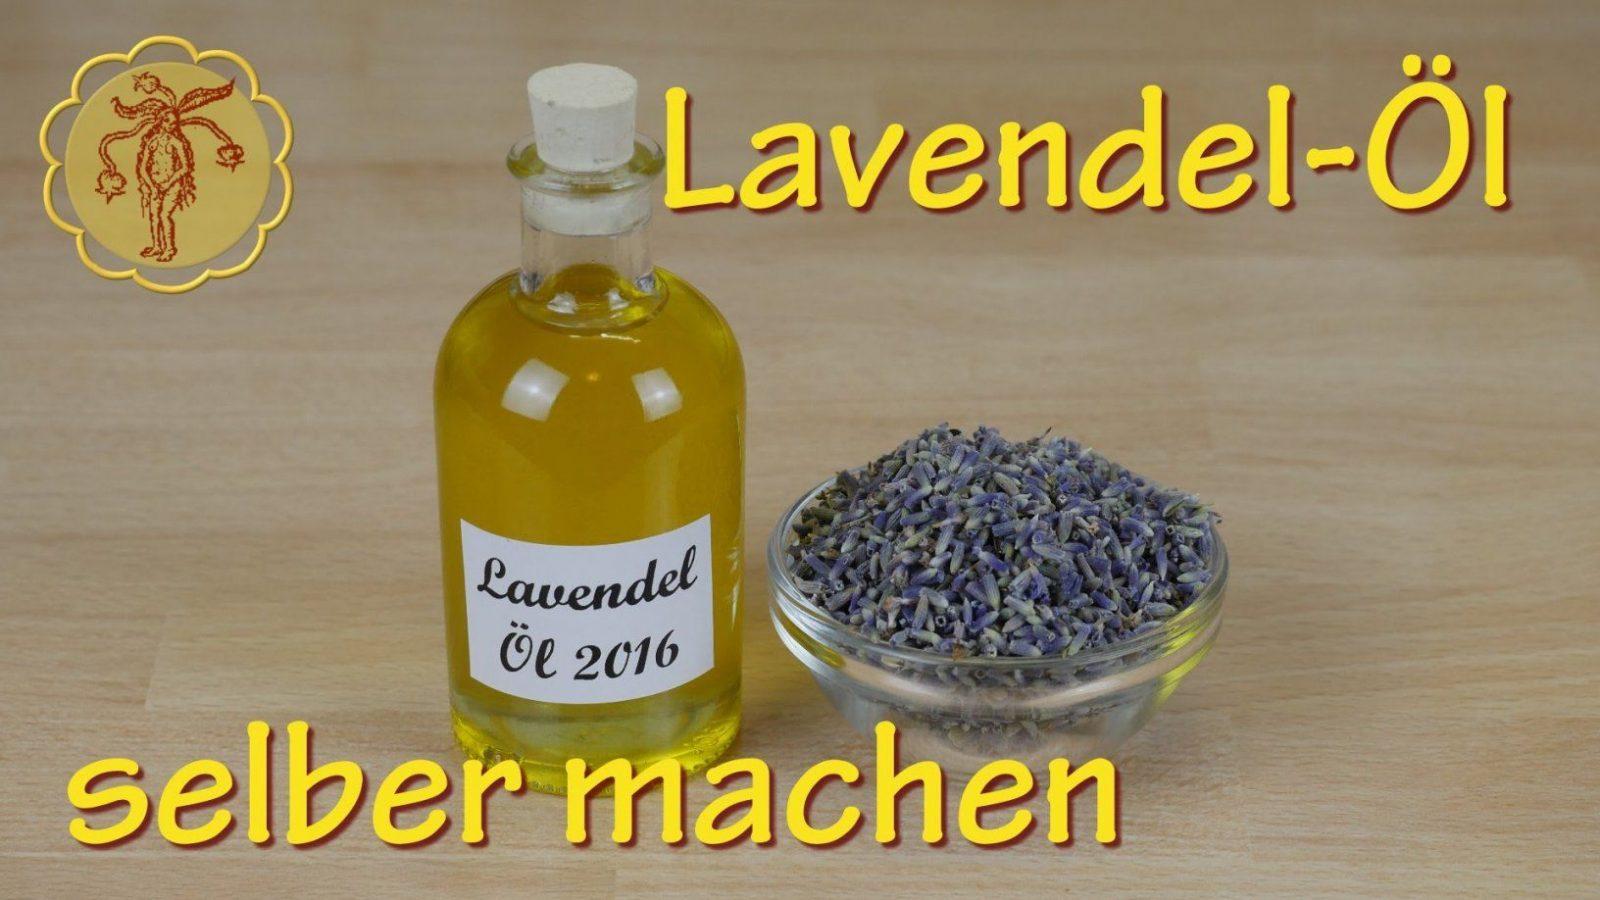 Lavendelölauszug Selber Machen  Kaltauszug  Youtube von Lavendel Creme Selber Machen Photo